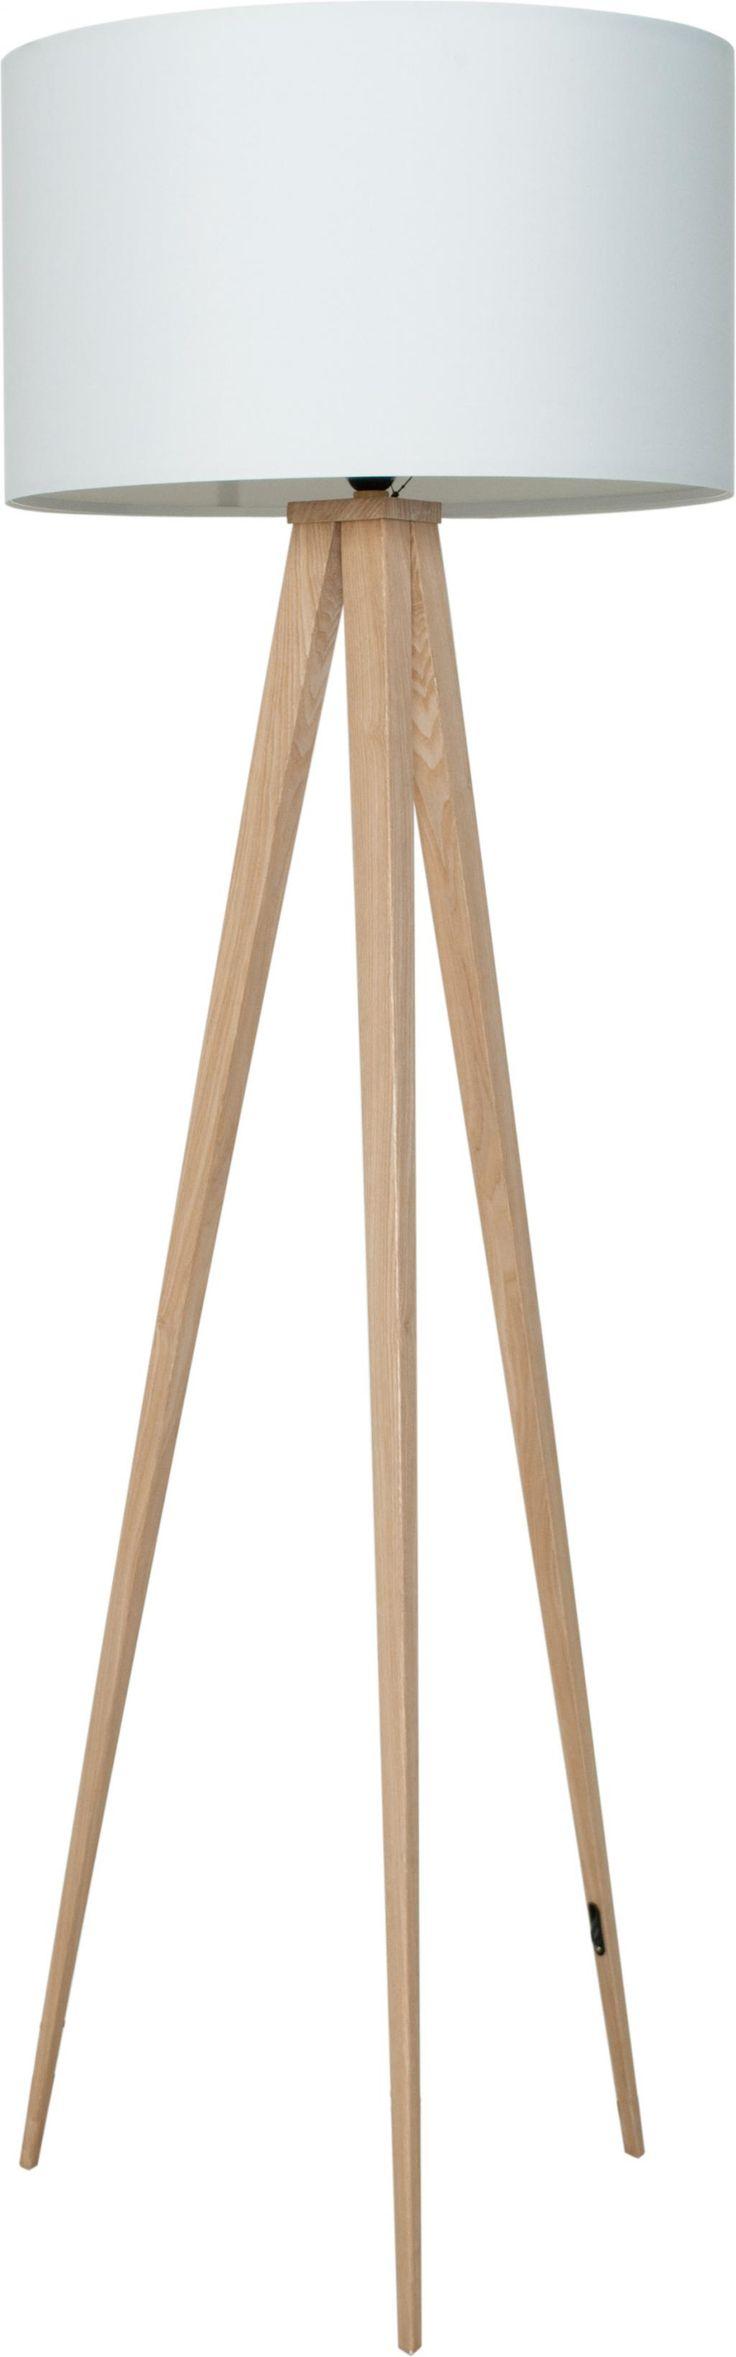 Full Size of Ikea Stehlampe Holz Alte Auf Ikeahackers Bad Waschtisch Esstisch Massiv Wohnzimmer Küche Weiß Massivholz Holzplatte Holzhaus Kind Garten Regal Miniküche Wohnzimmer Ikea Stehlampe Holz